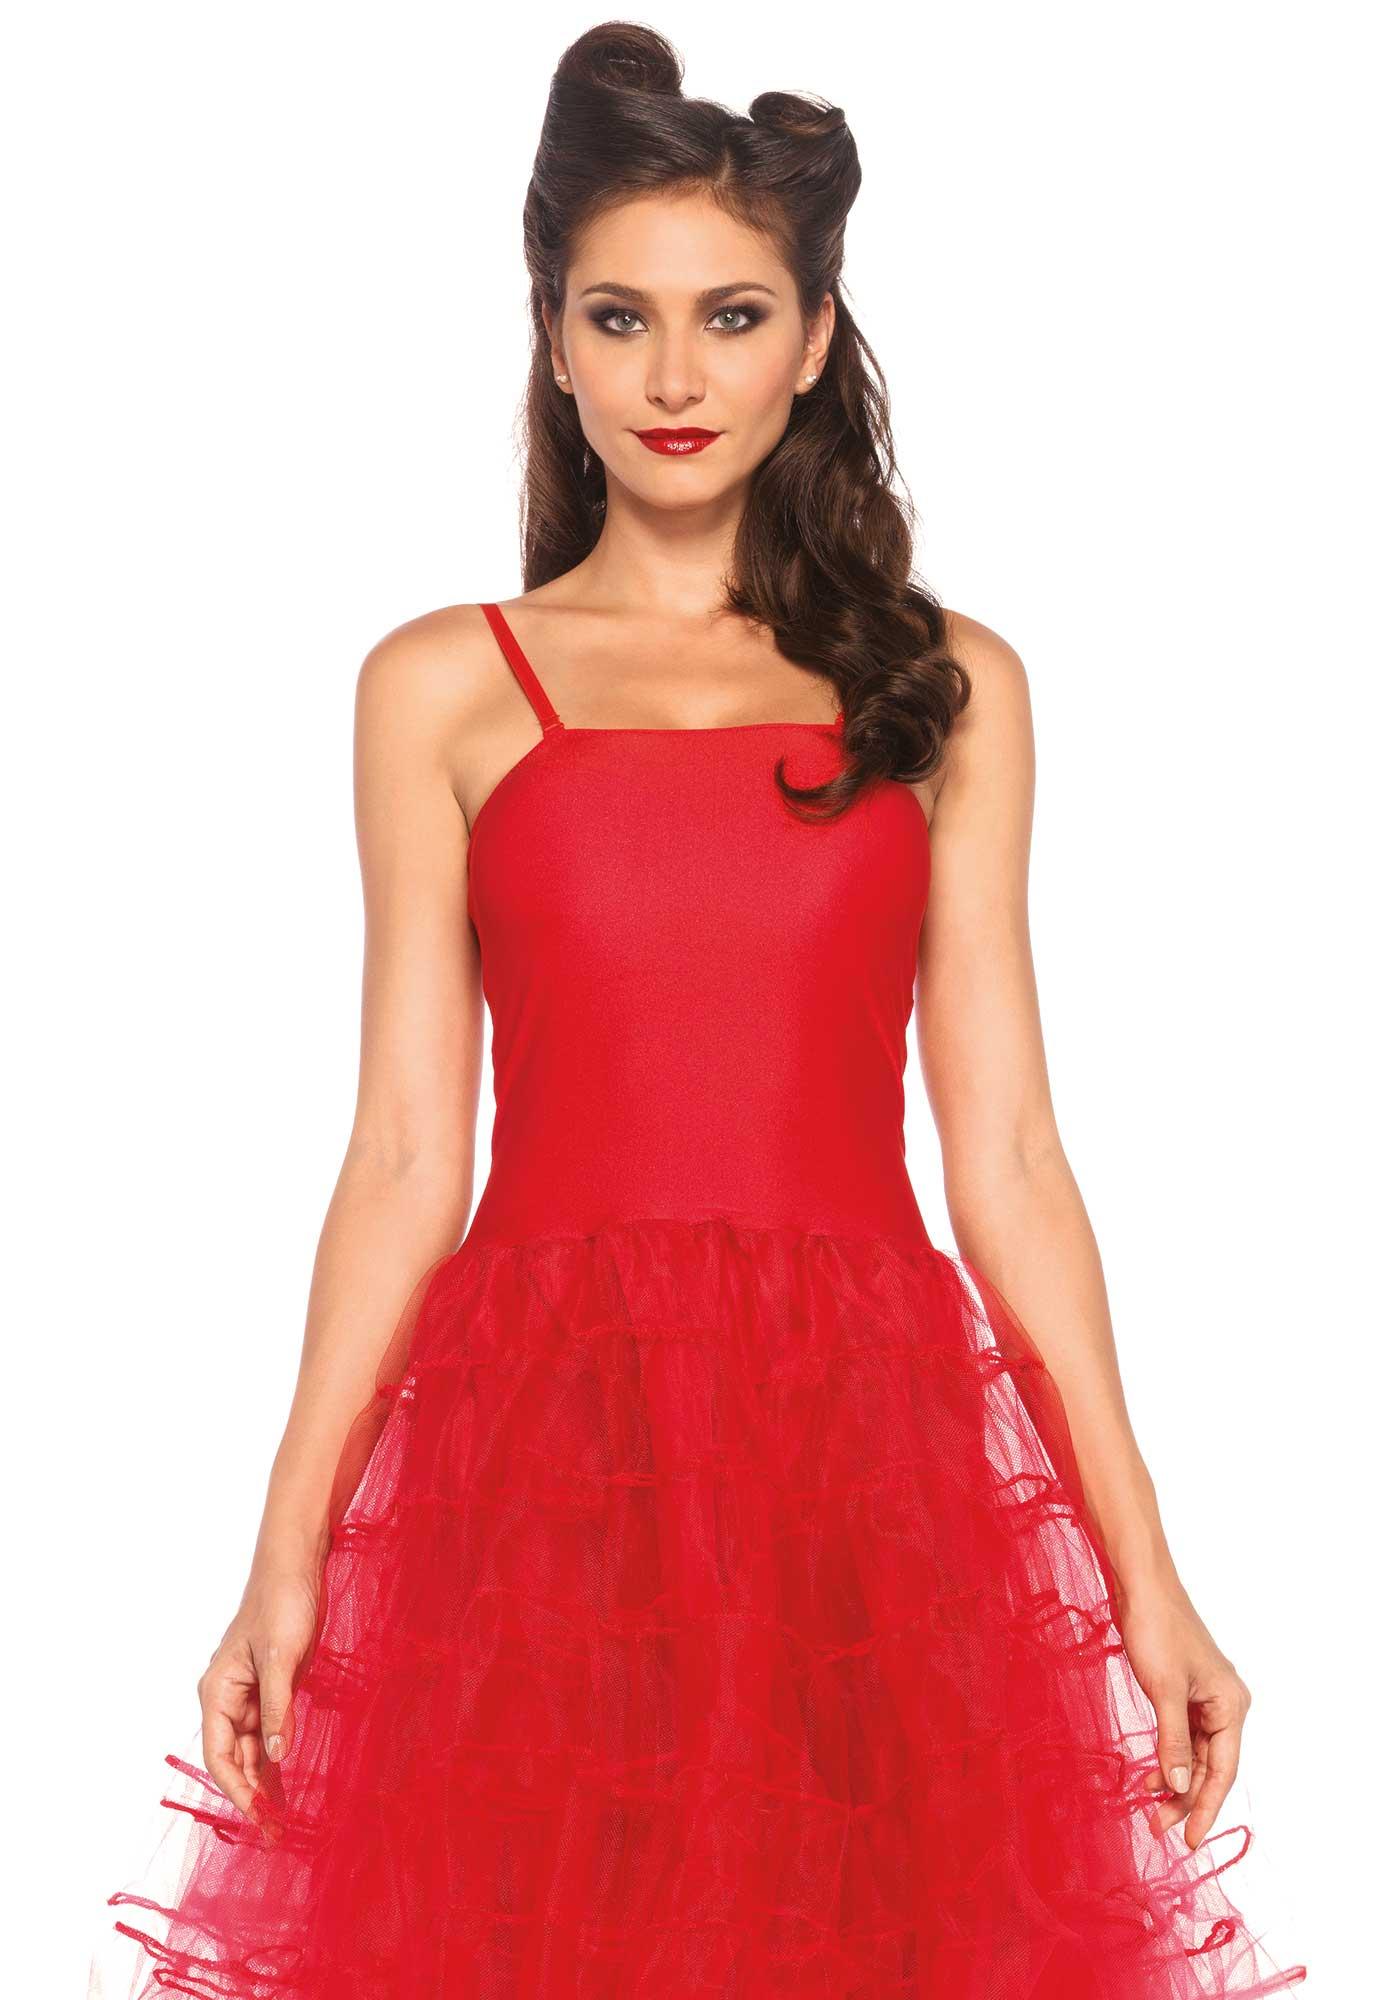 Rotes Kleid als 50er Jahre Kostüm für Frauen: Kostüme für Erwachsene ...